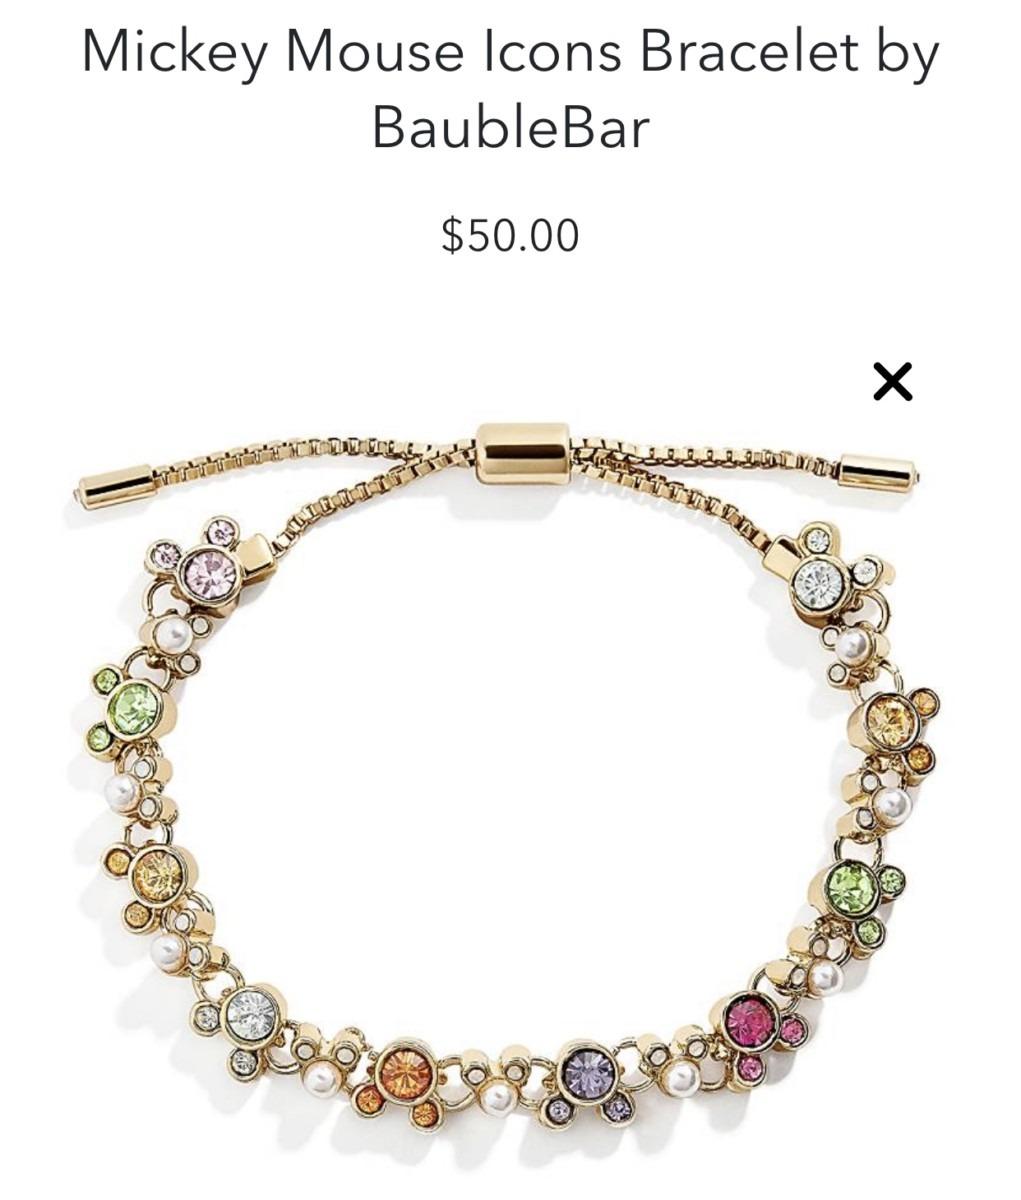 New Baublebar Disney Parks Jewelry on shopDisney 2